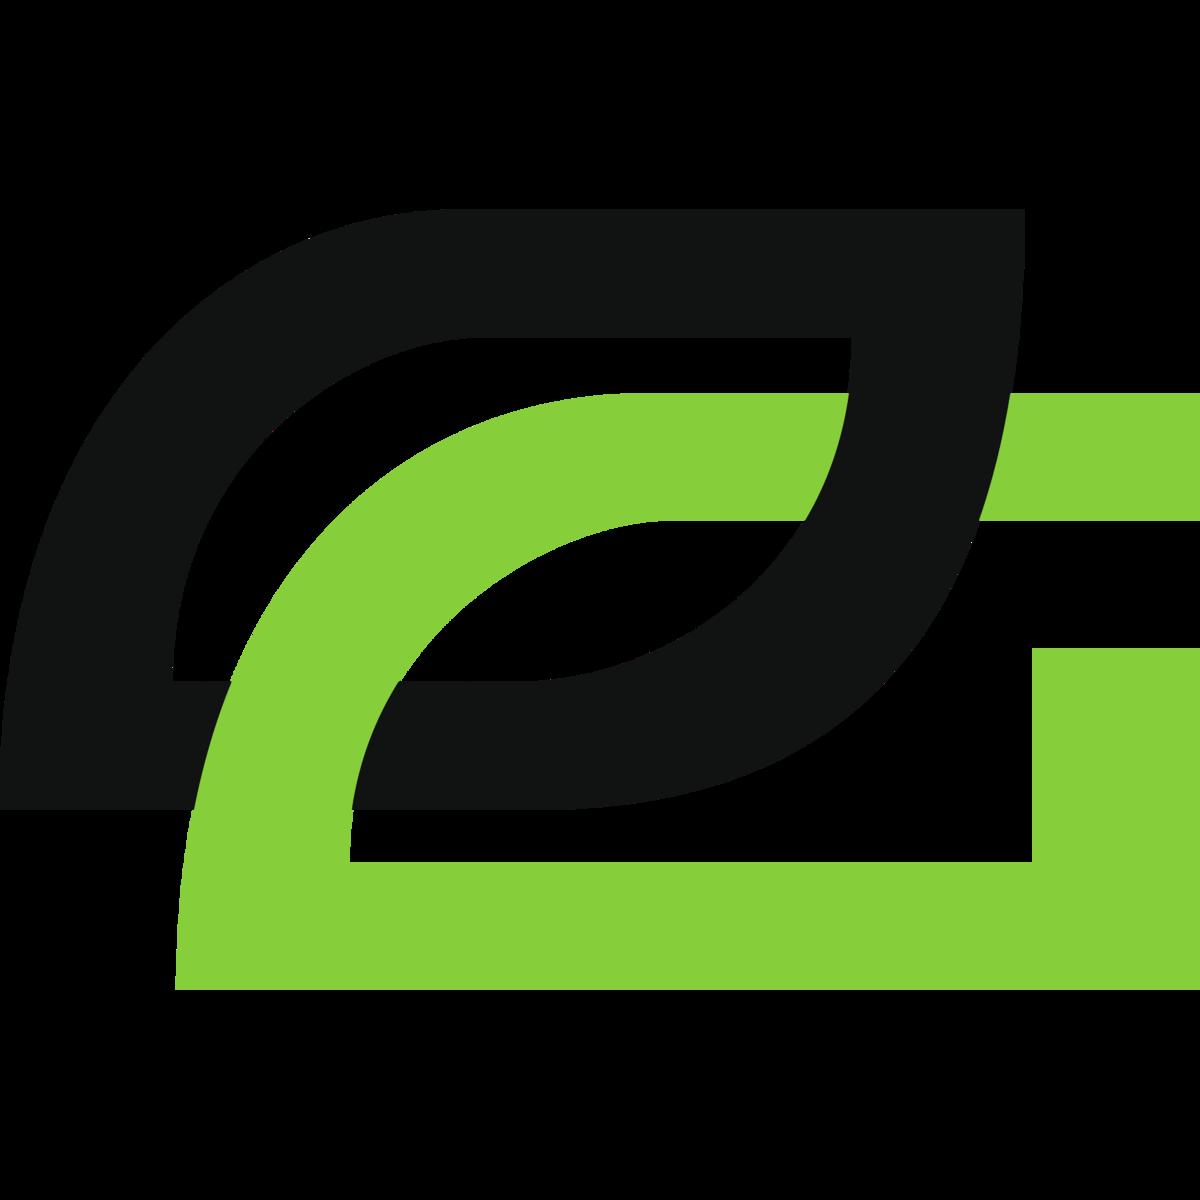 OpTic Gaming - Leaguepedia | League of Legends Esports Wiki